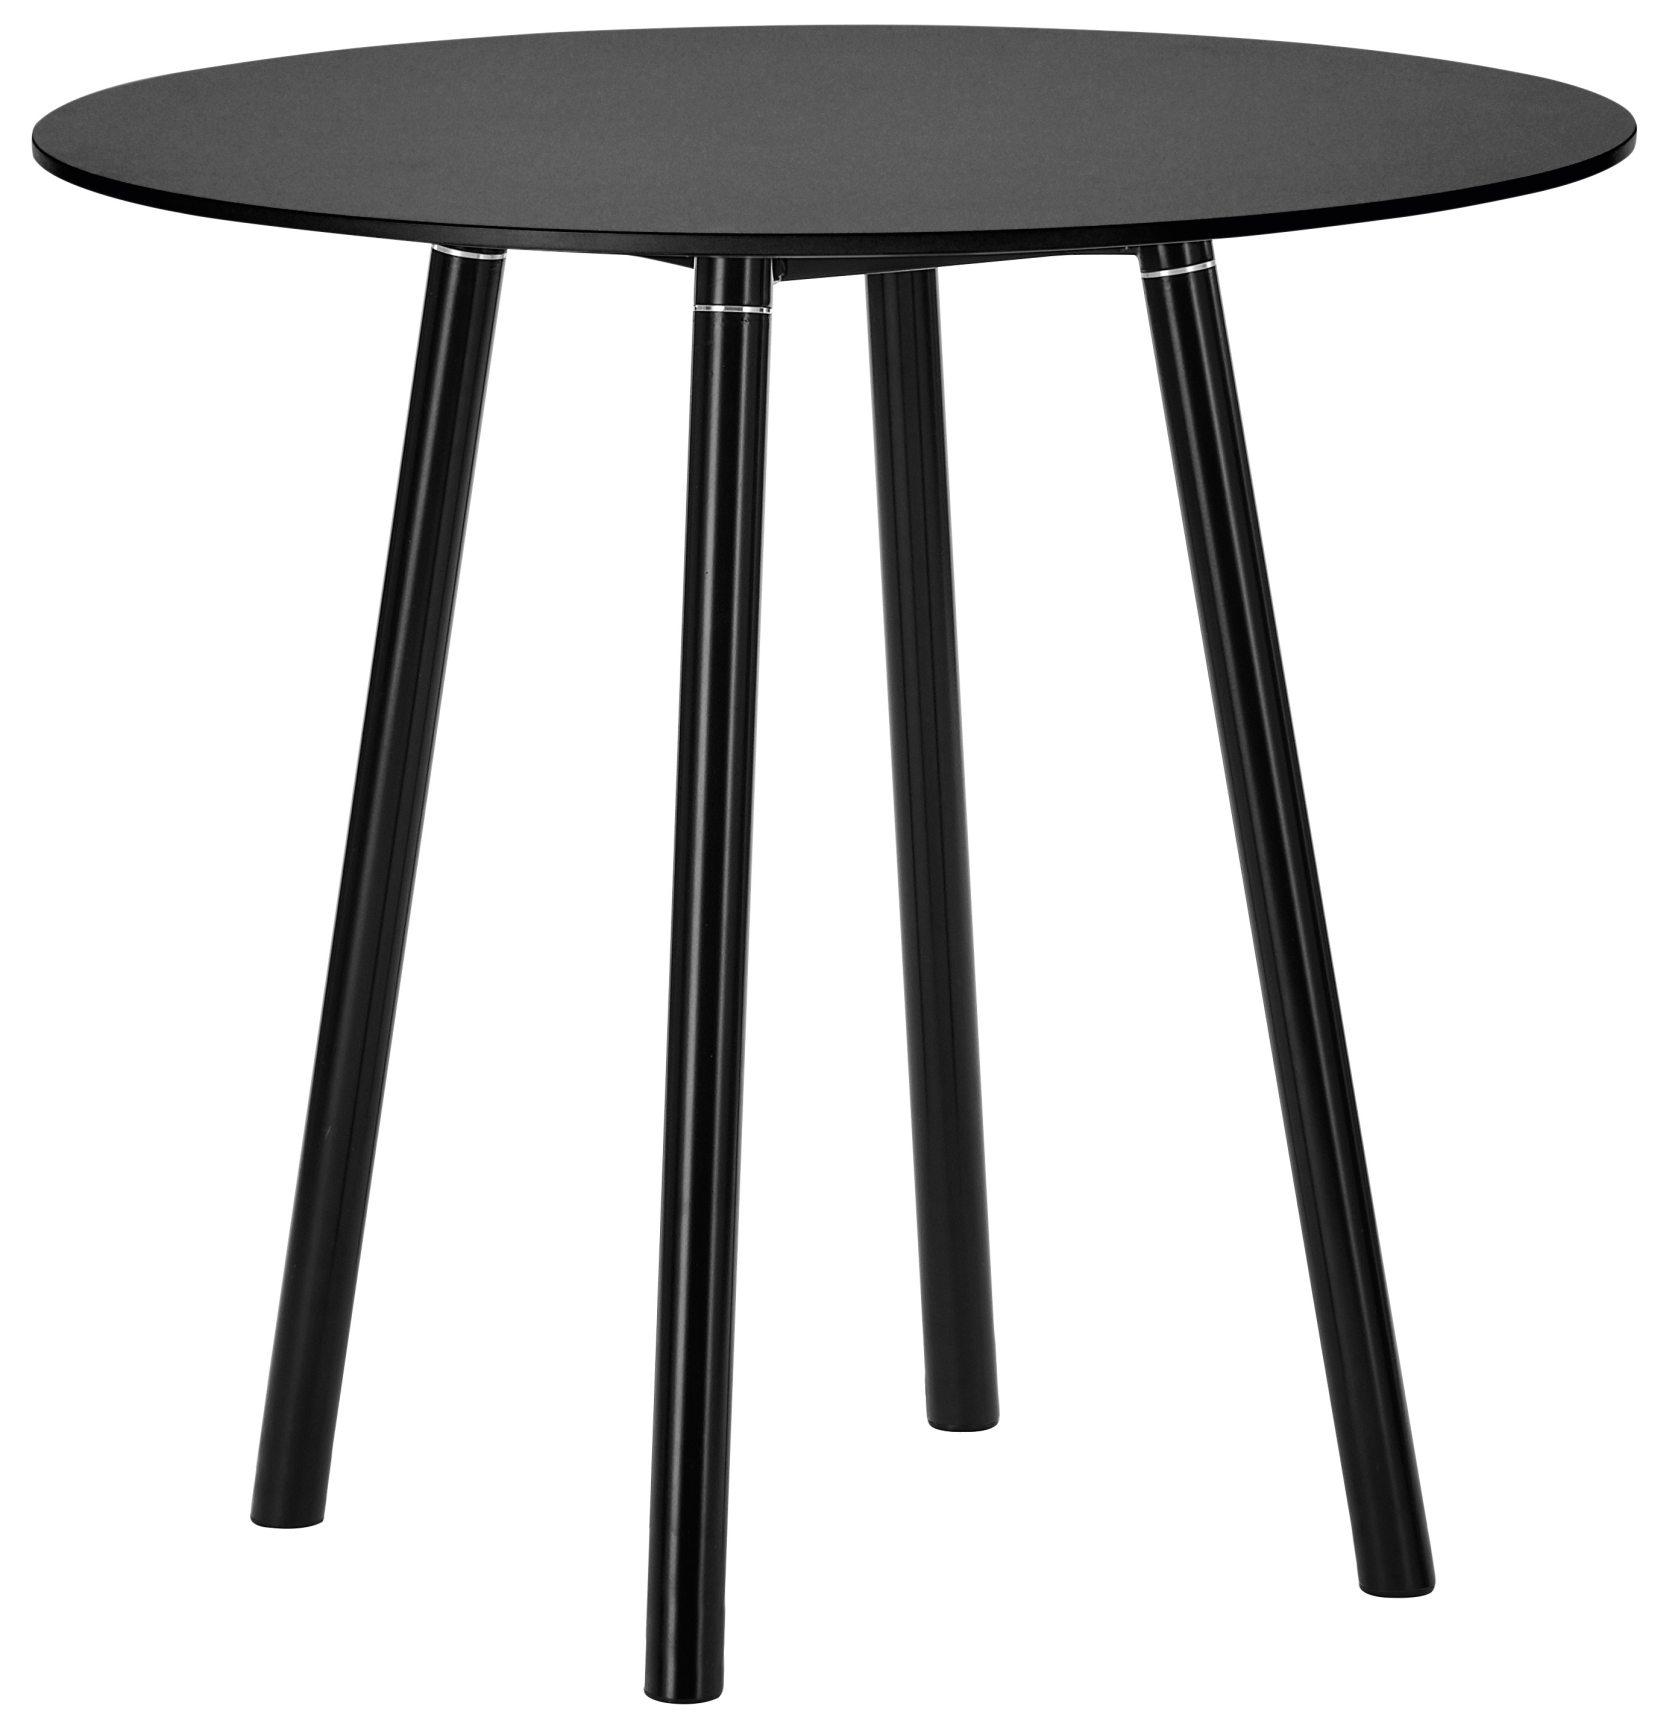 Runder Tisch Metallgestell.Schwarzer Esstisch Runde Tischplatte